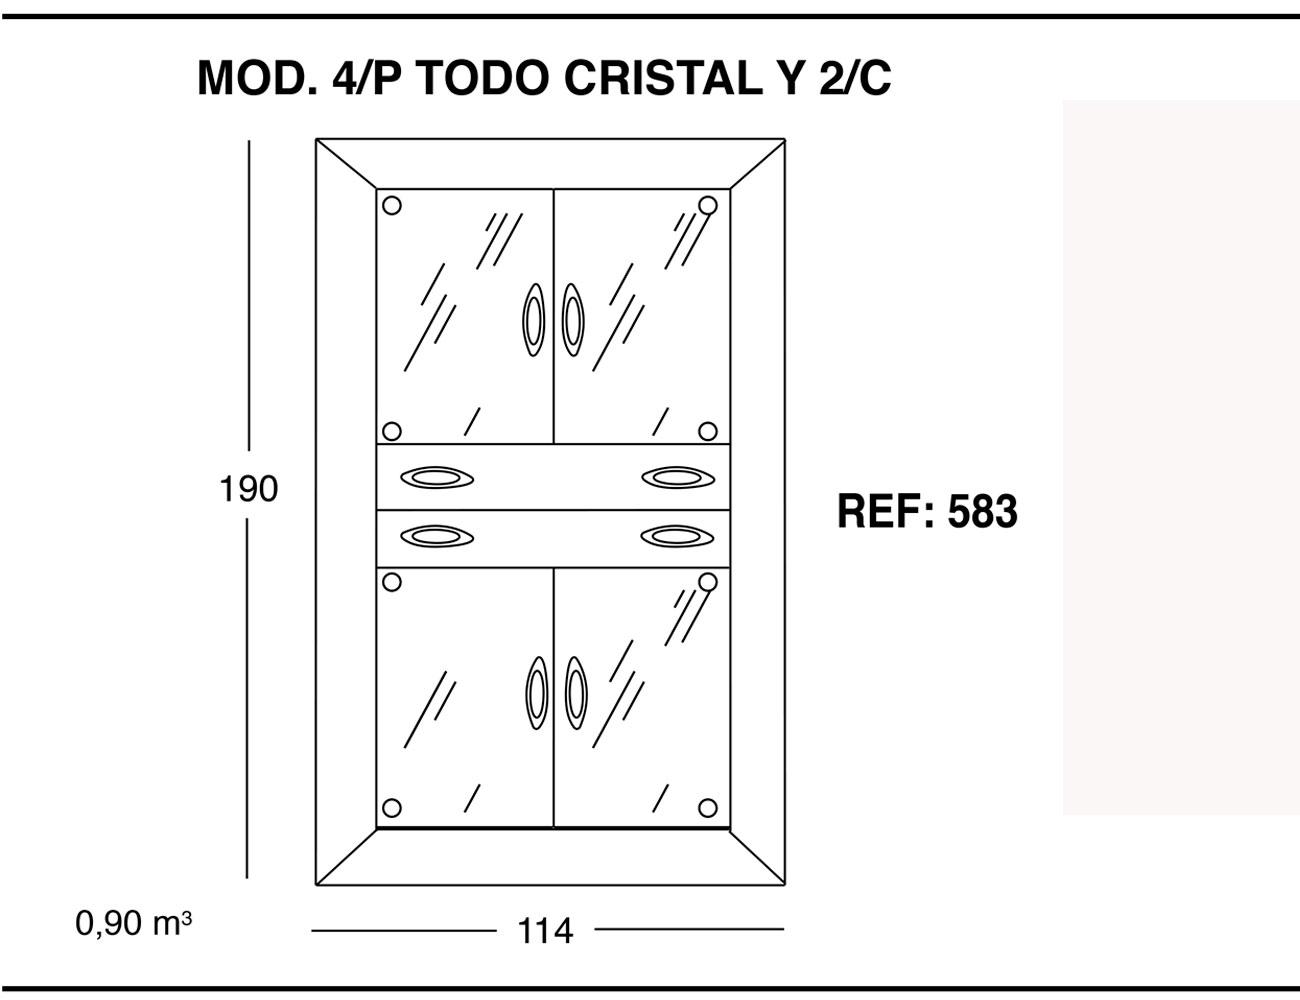 Modulo 4 puertas todo cristal 2 cajones 190 1141